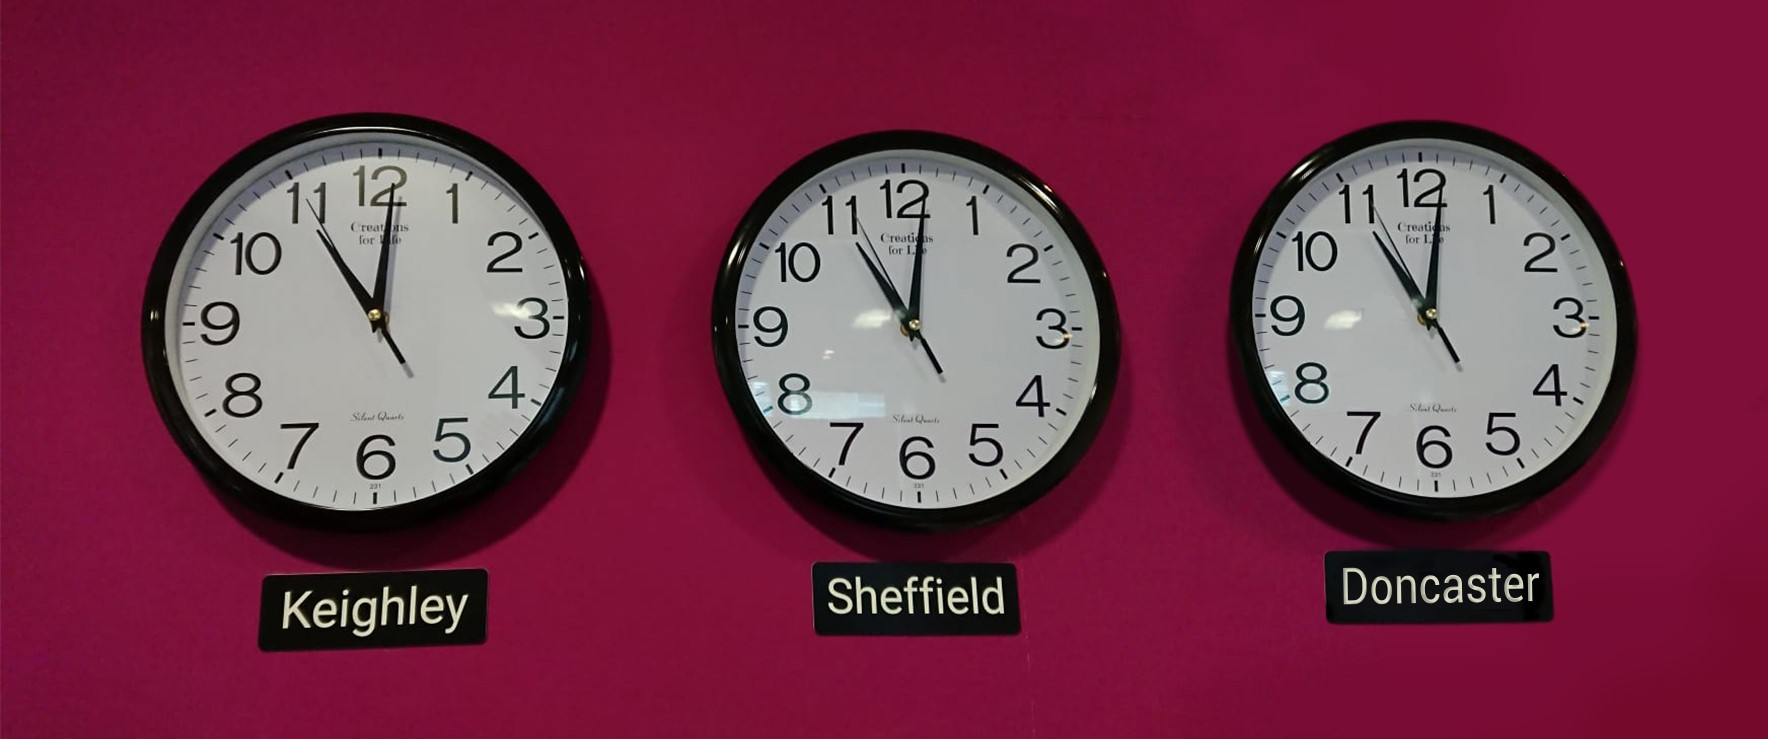 3 Clocks v1.3 crop